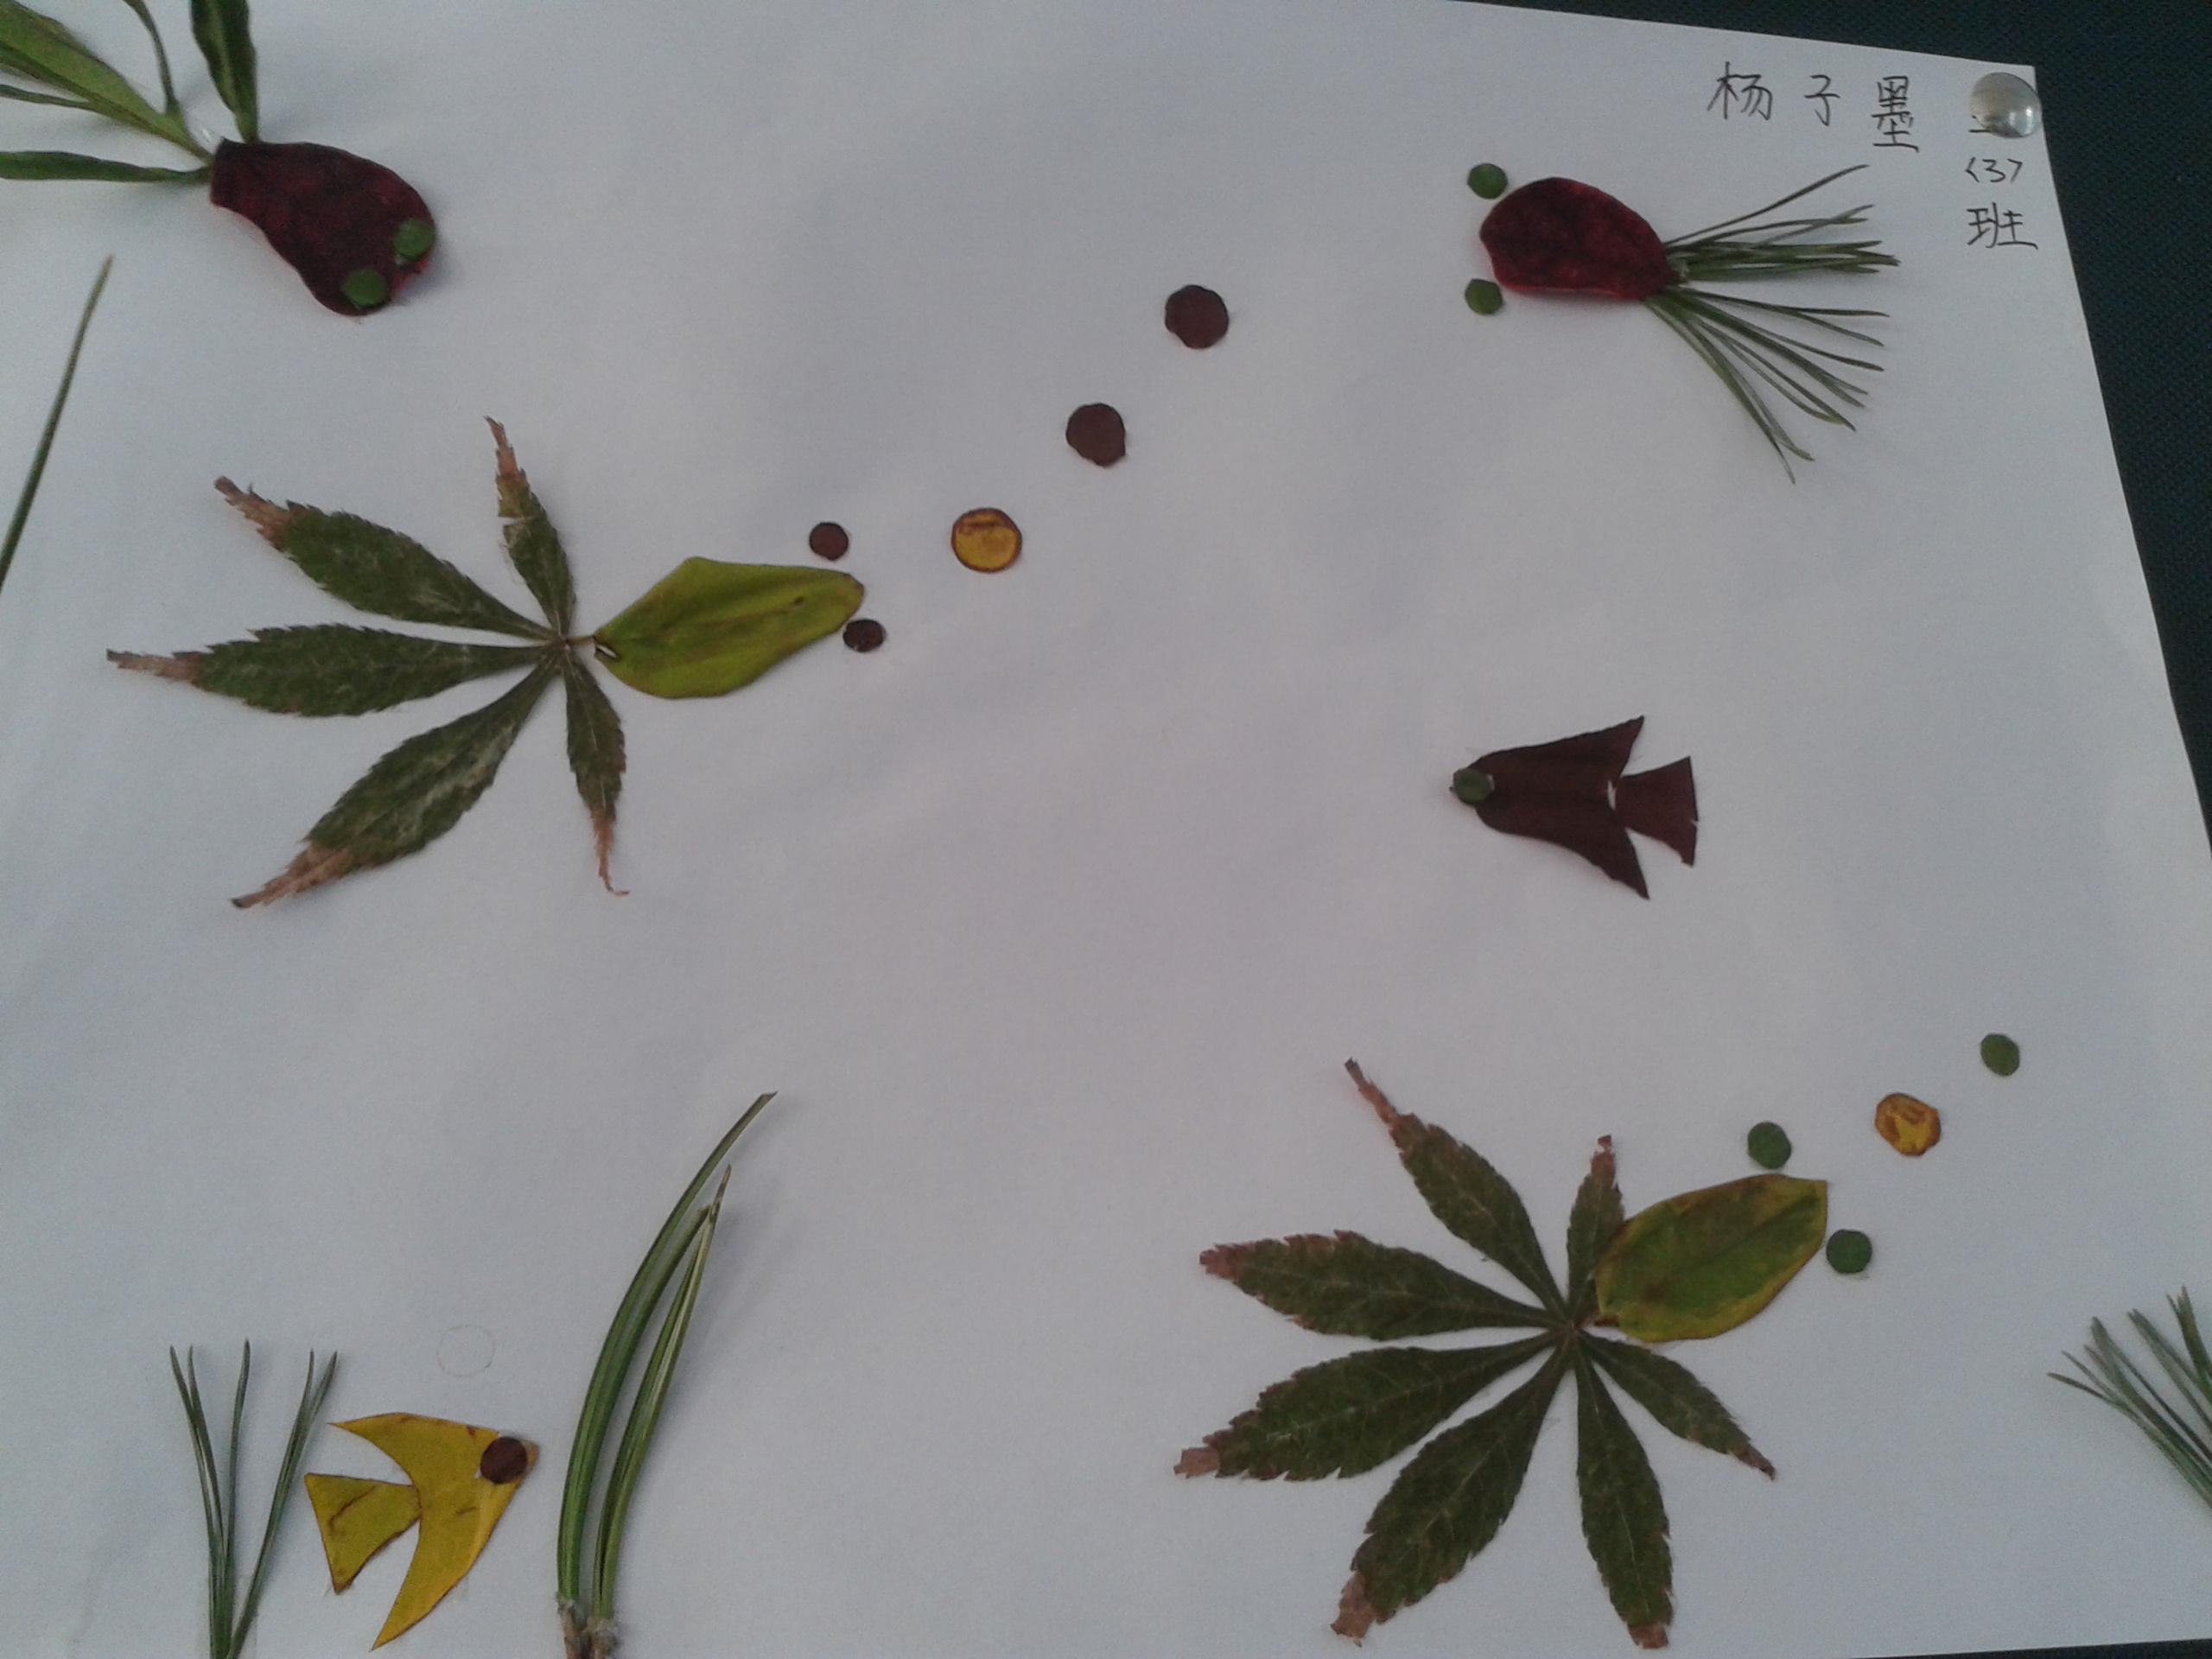 寻找秋天 树叶画制作